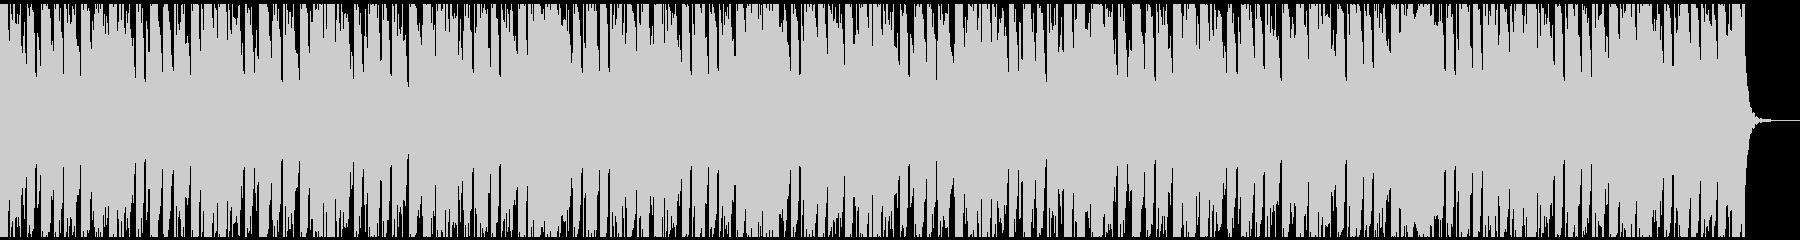 フィールド・洞窟/ゲームBGMの未再生の波形